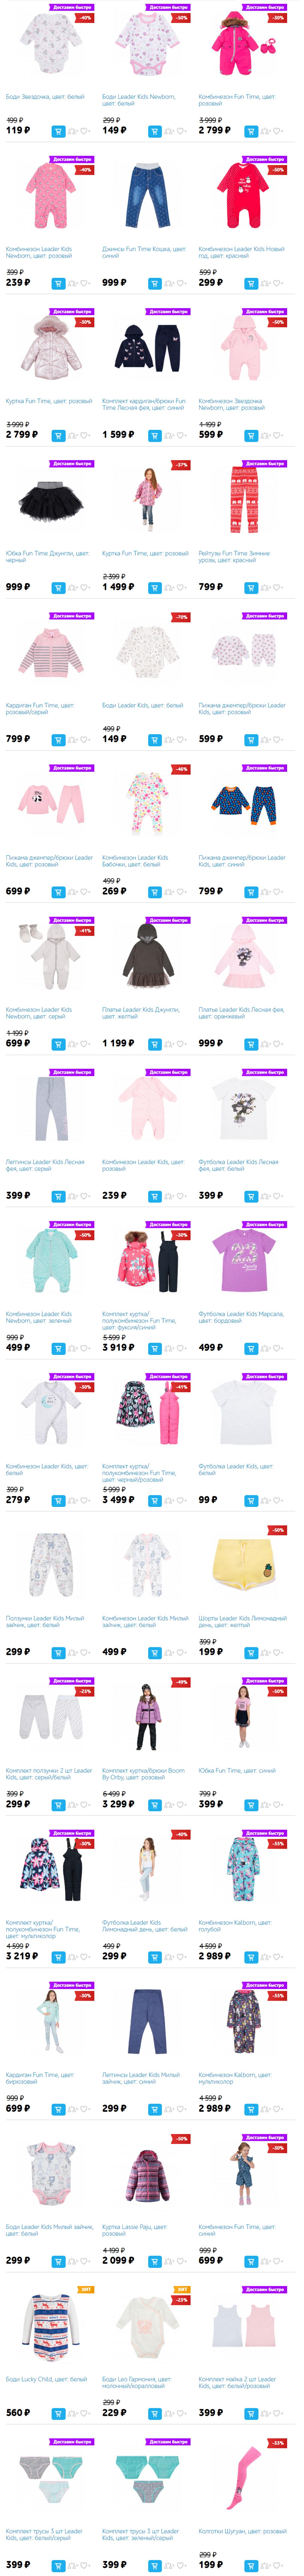 Детская одежда для девочек в каталоге Дочки-Сыночки Серпухов